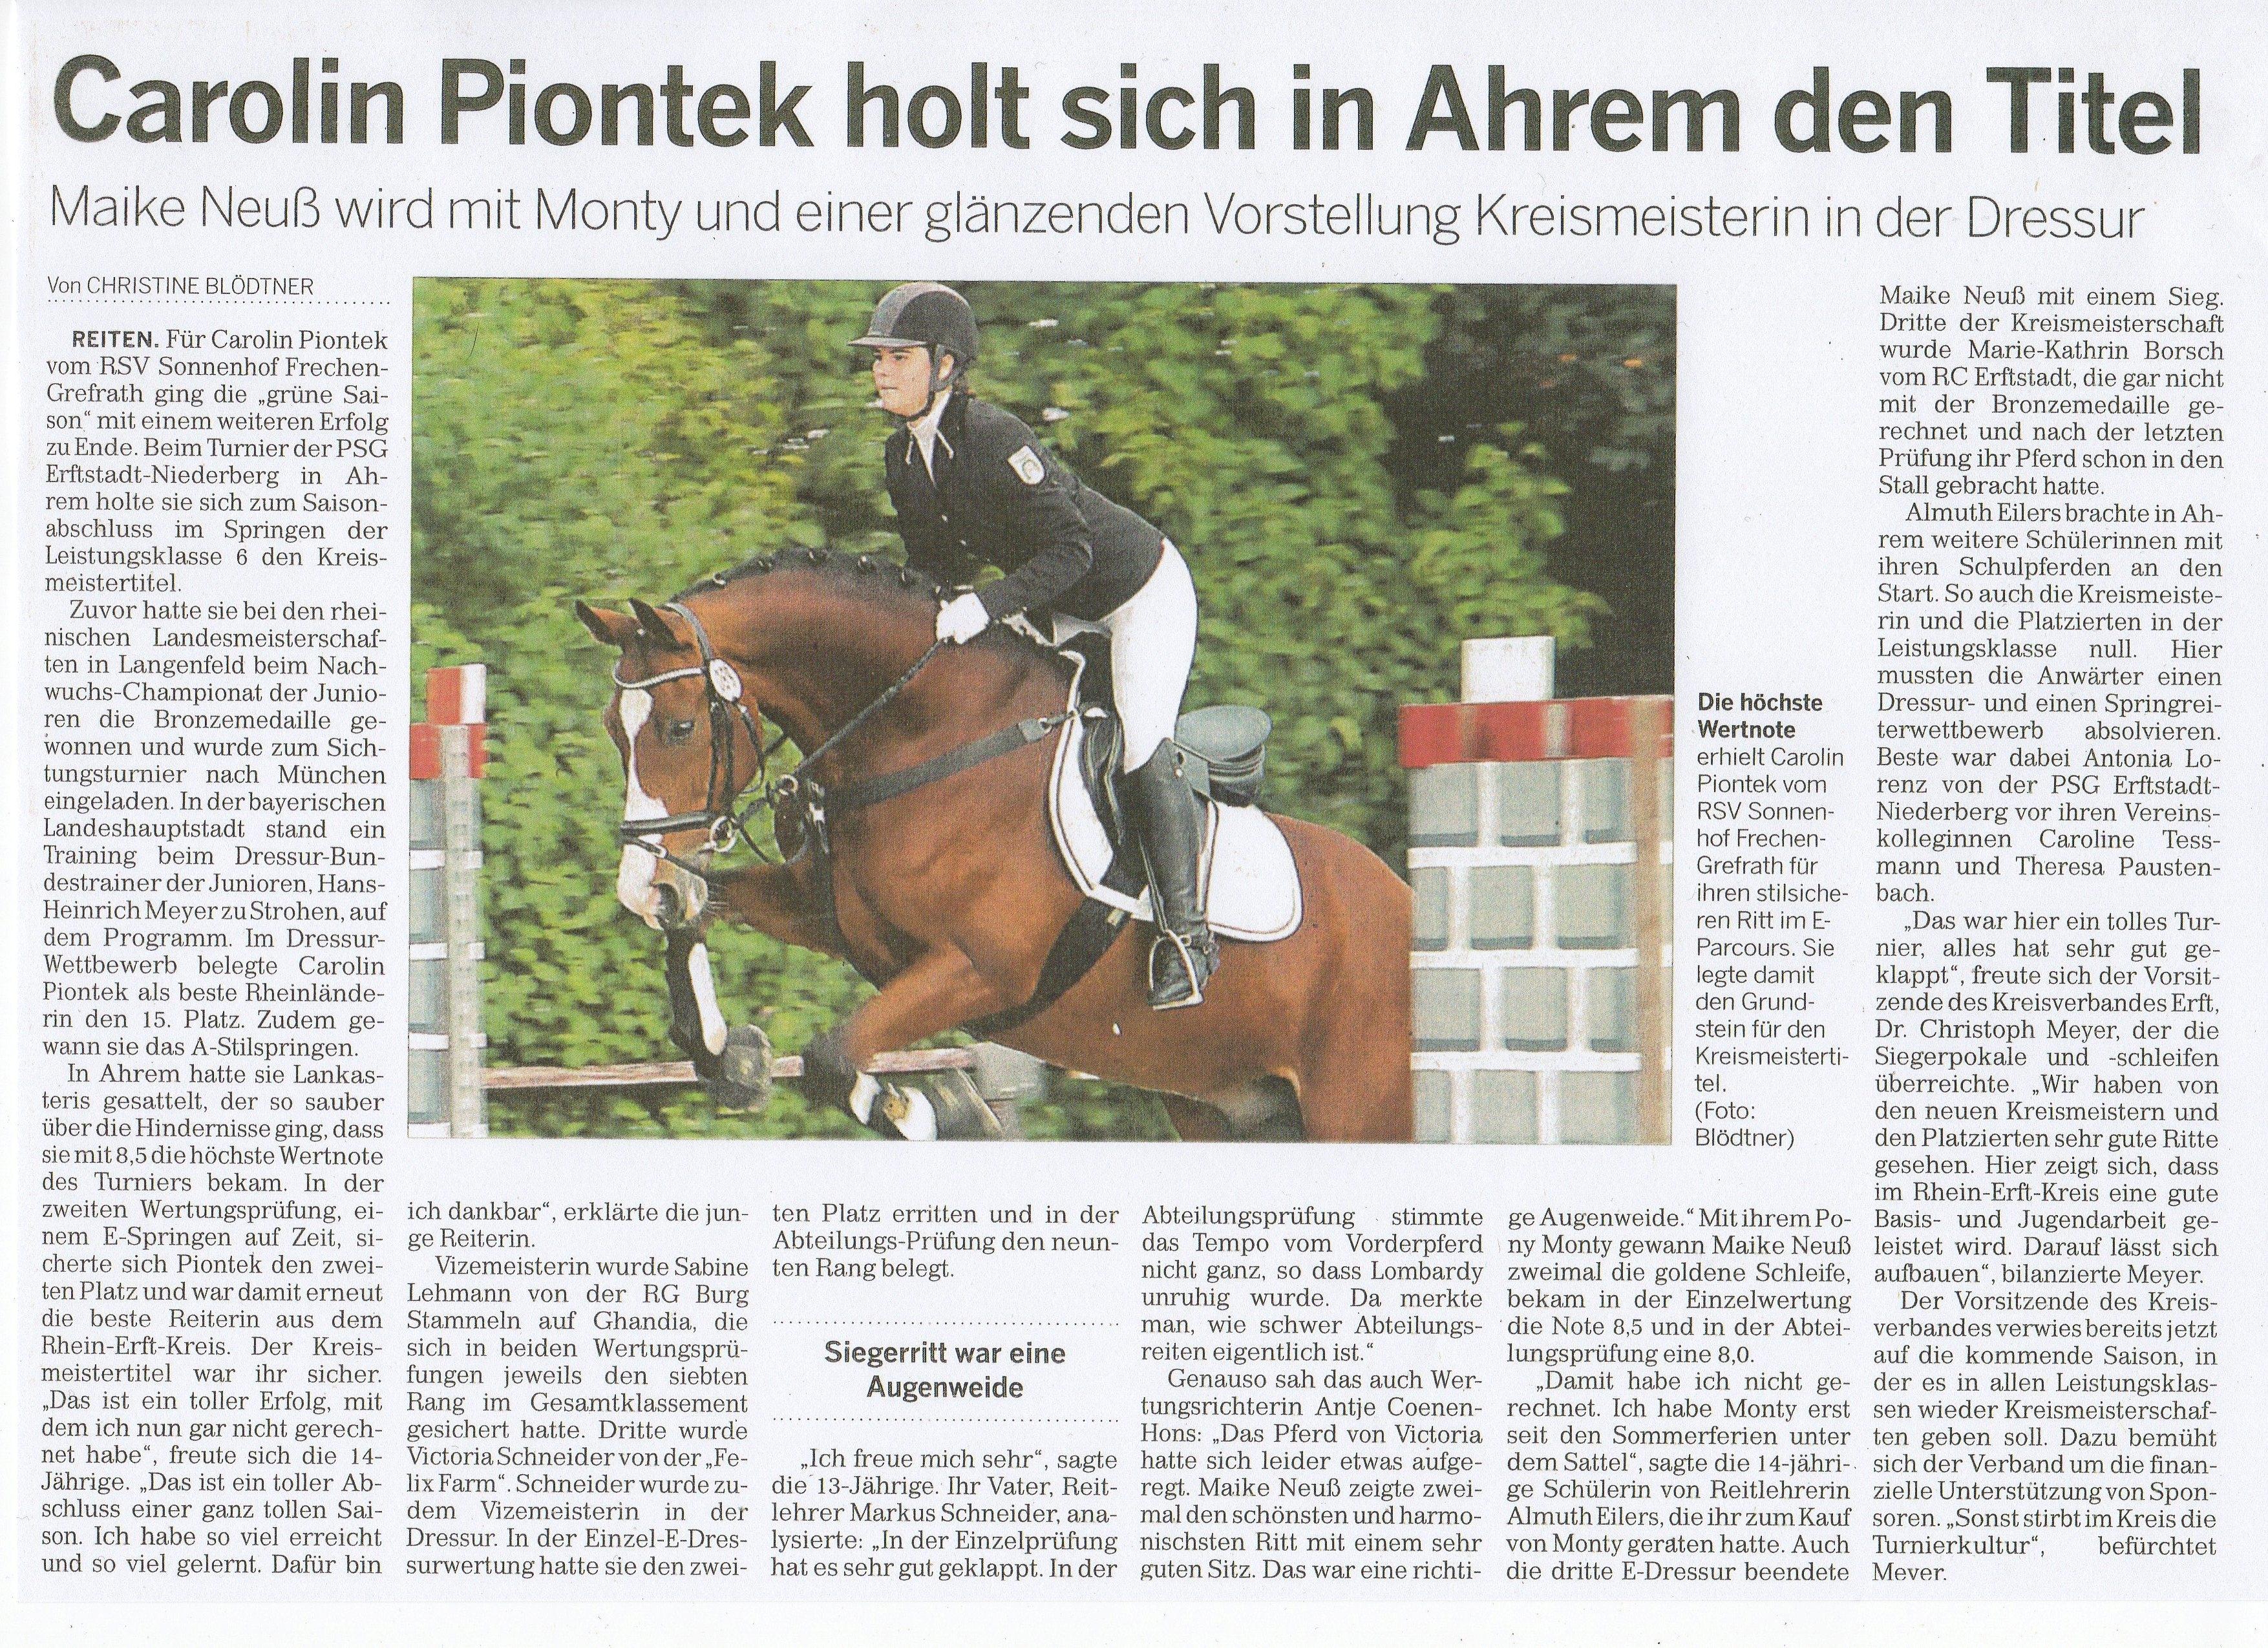 Zeitungsartikel Rundschau 9.10.2013